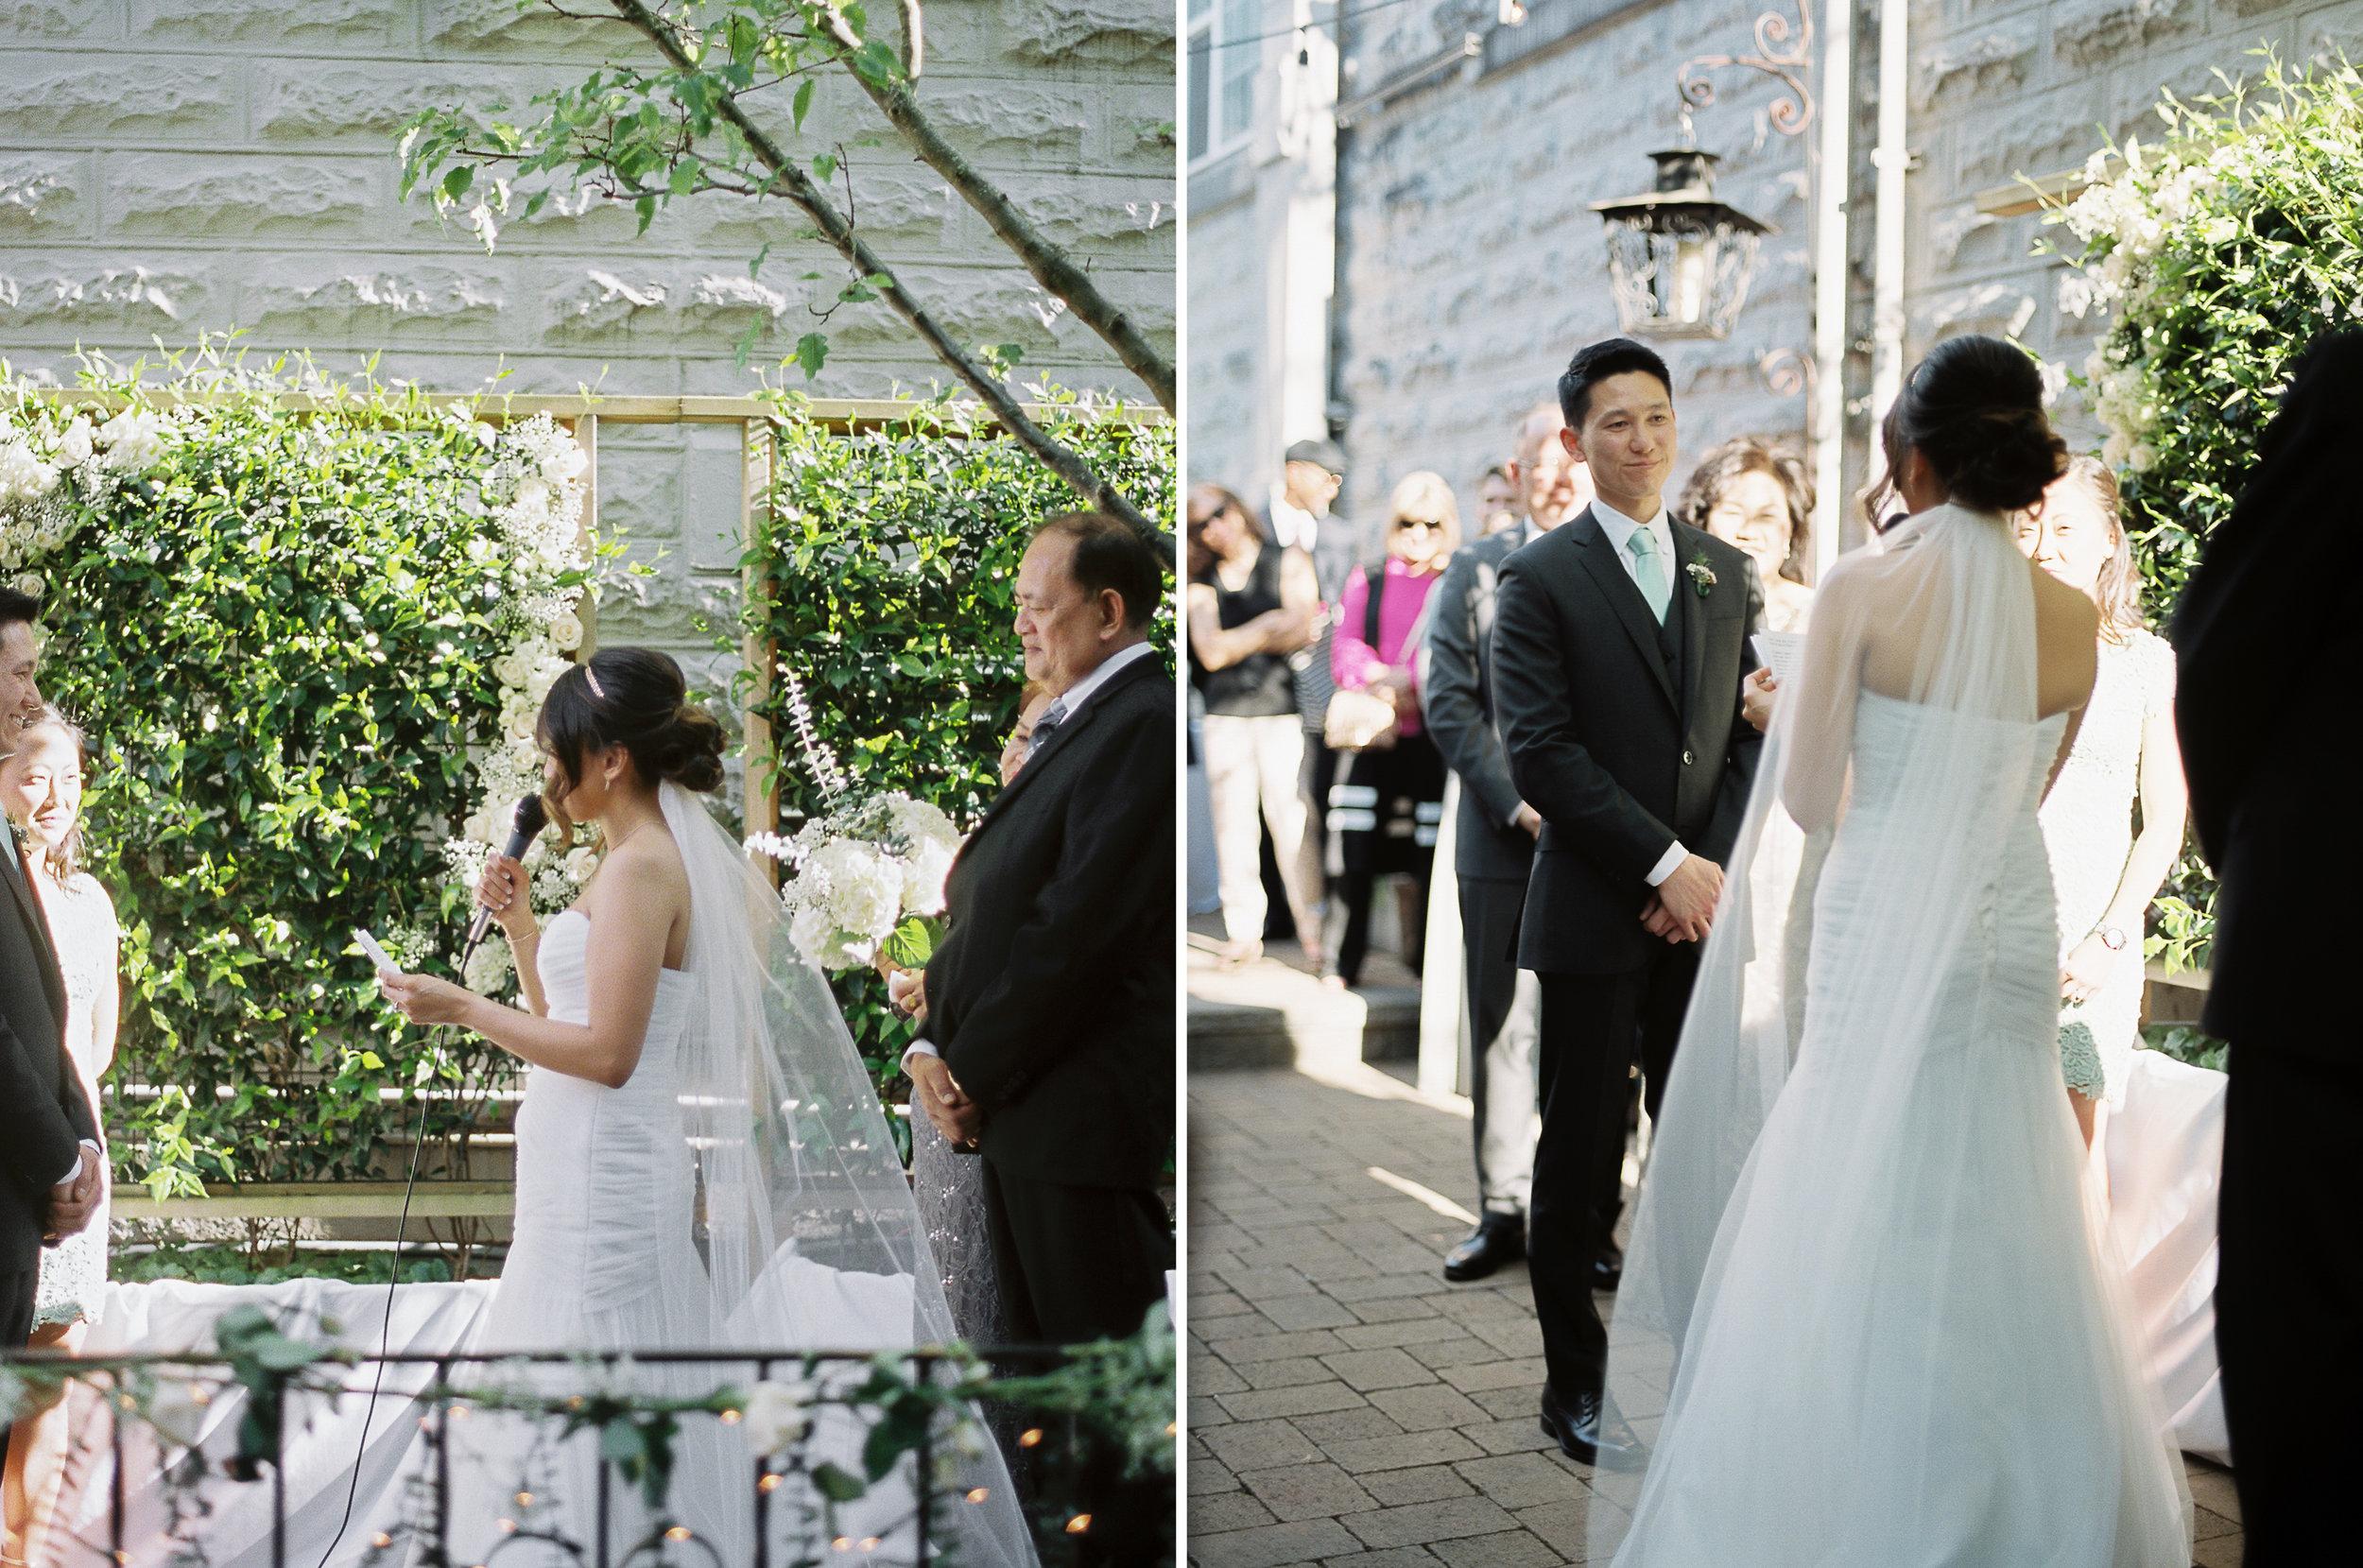 opal-28-urban-portland-greenery-wedding-17.jpg